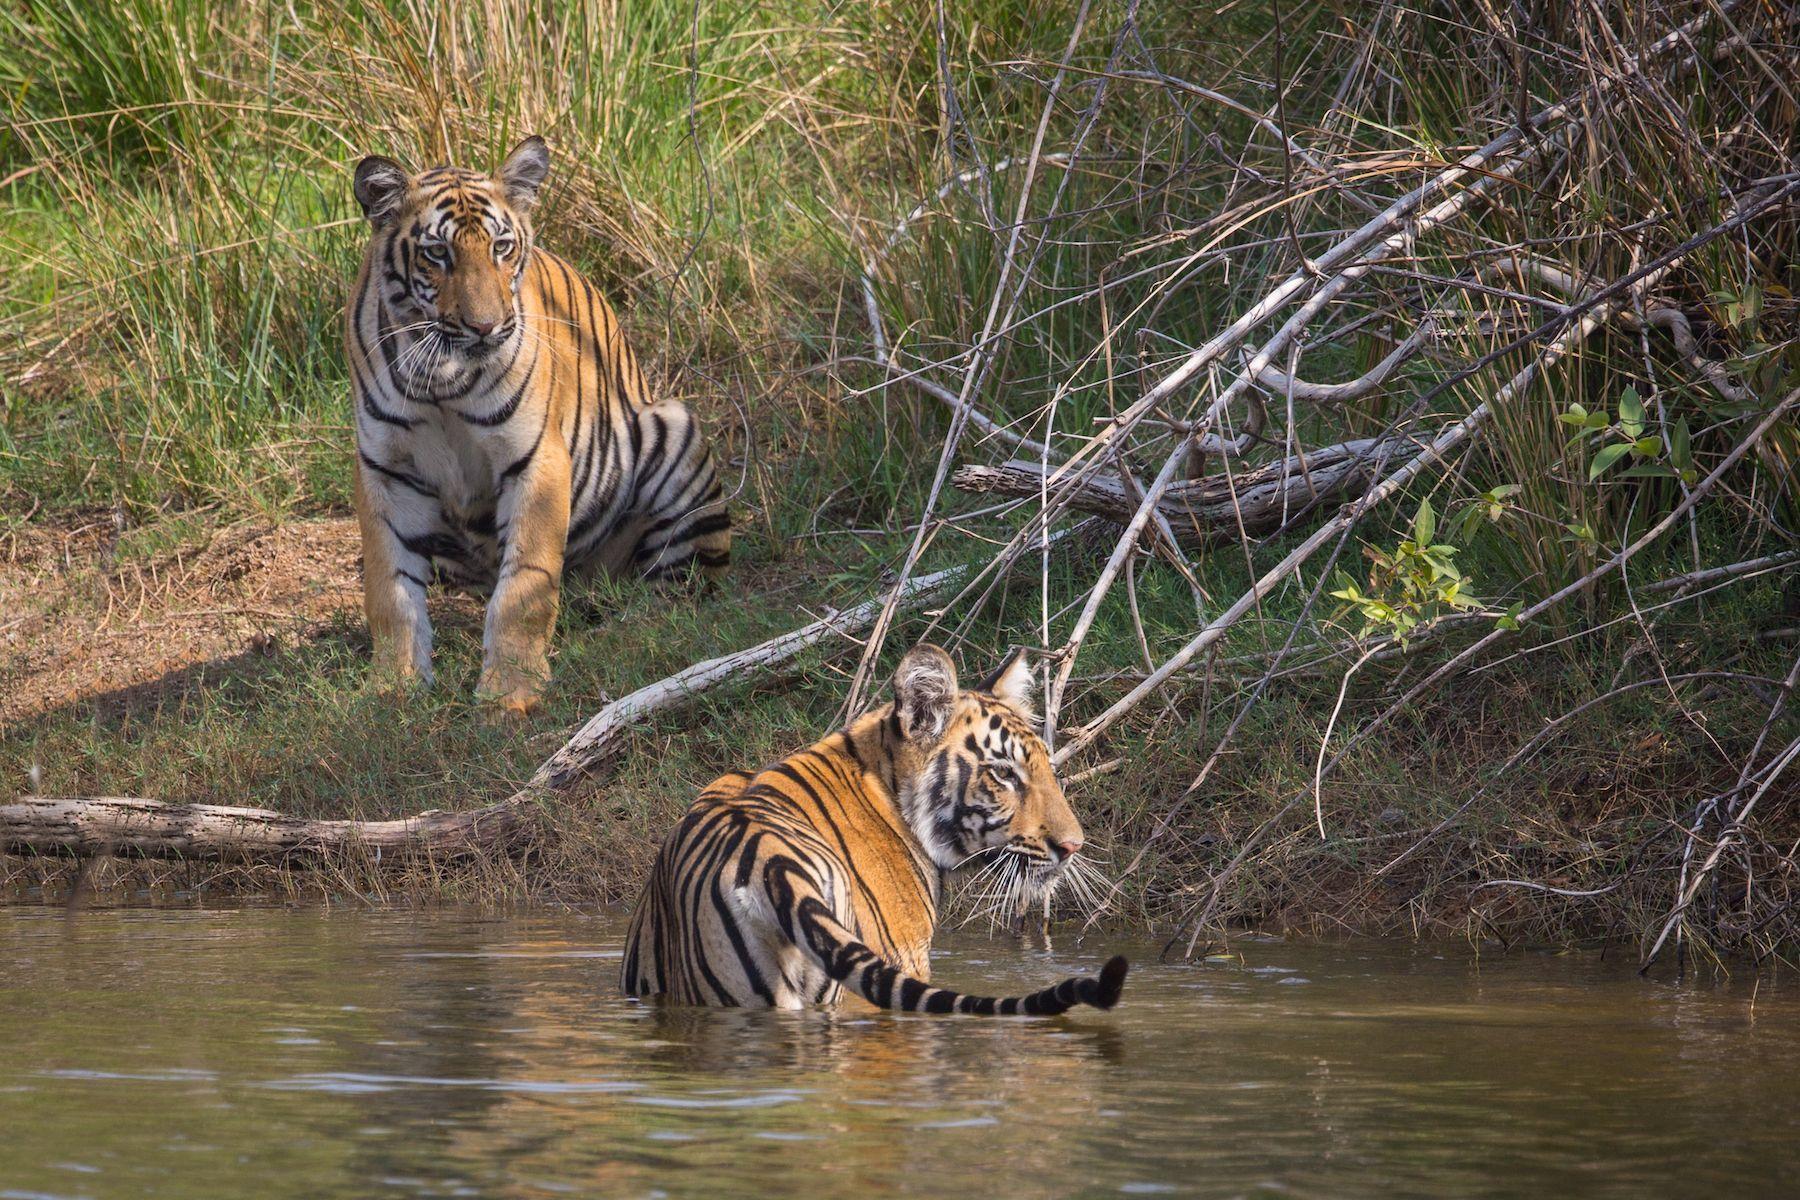 Bathing Tiger cubs in Tadoba Andhari Tiger Reserve, Maharashtra, India